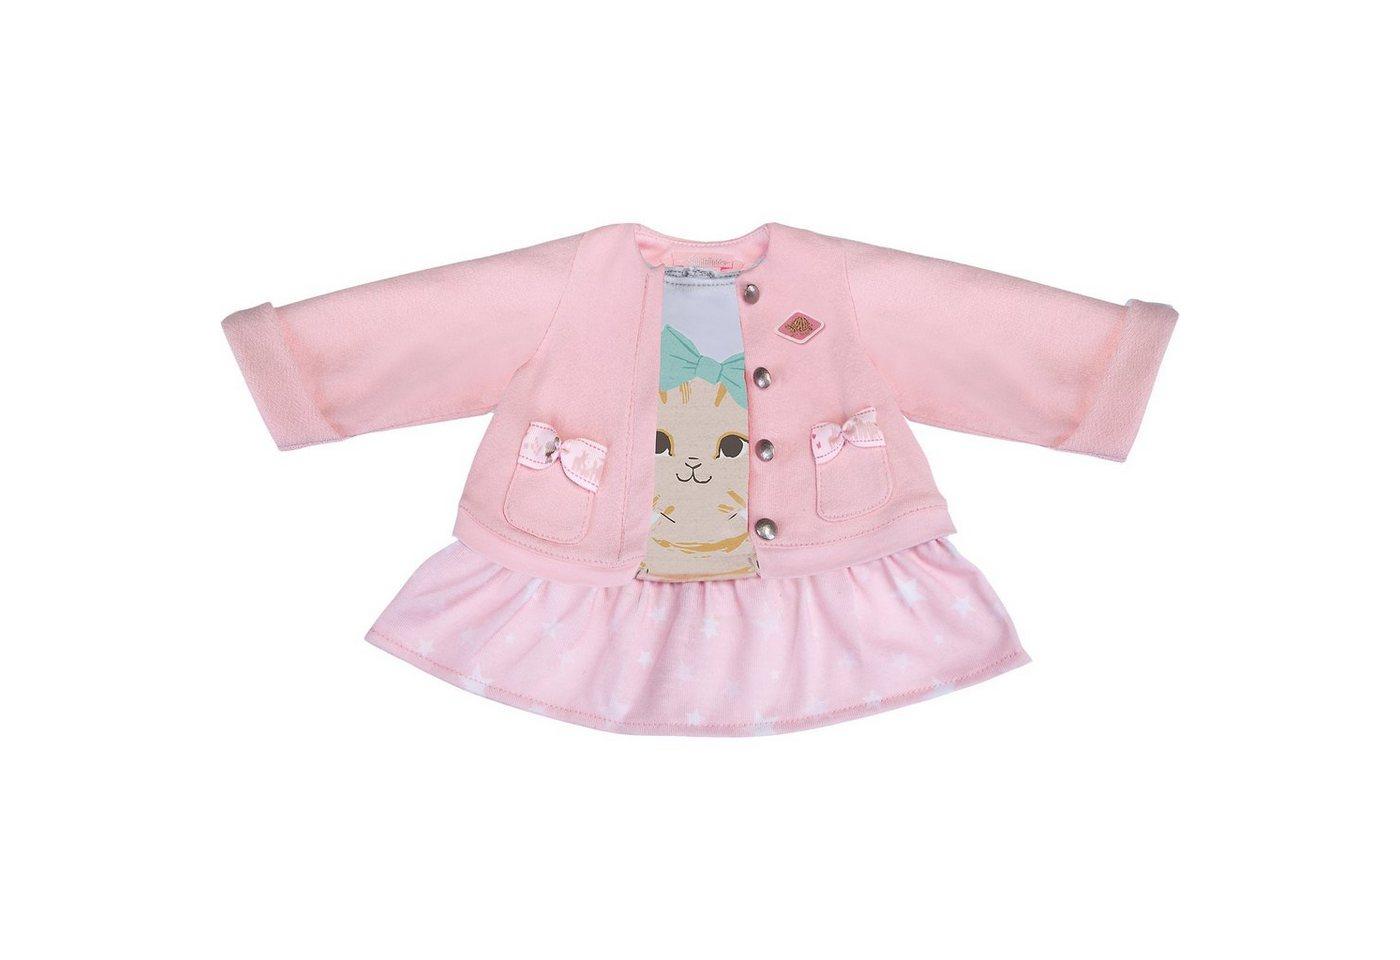 Schildkröt Puppenbekleidung 2 in 1 Kleid mit Jacke Kätzchen, 43 cm